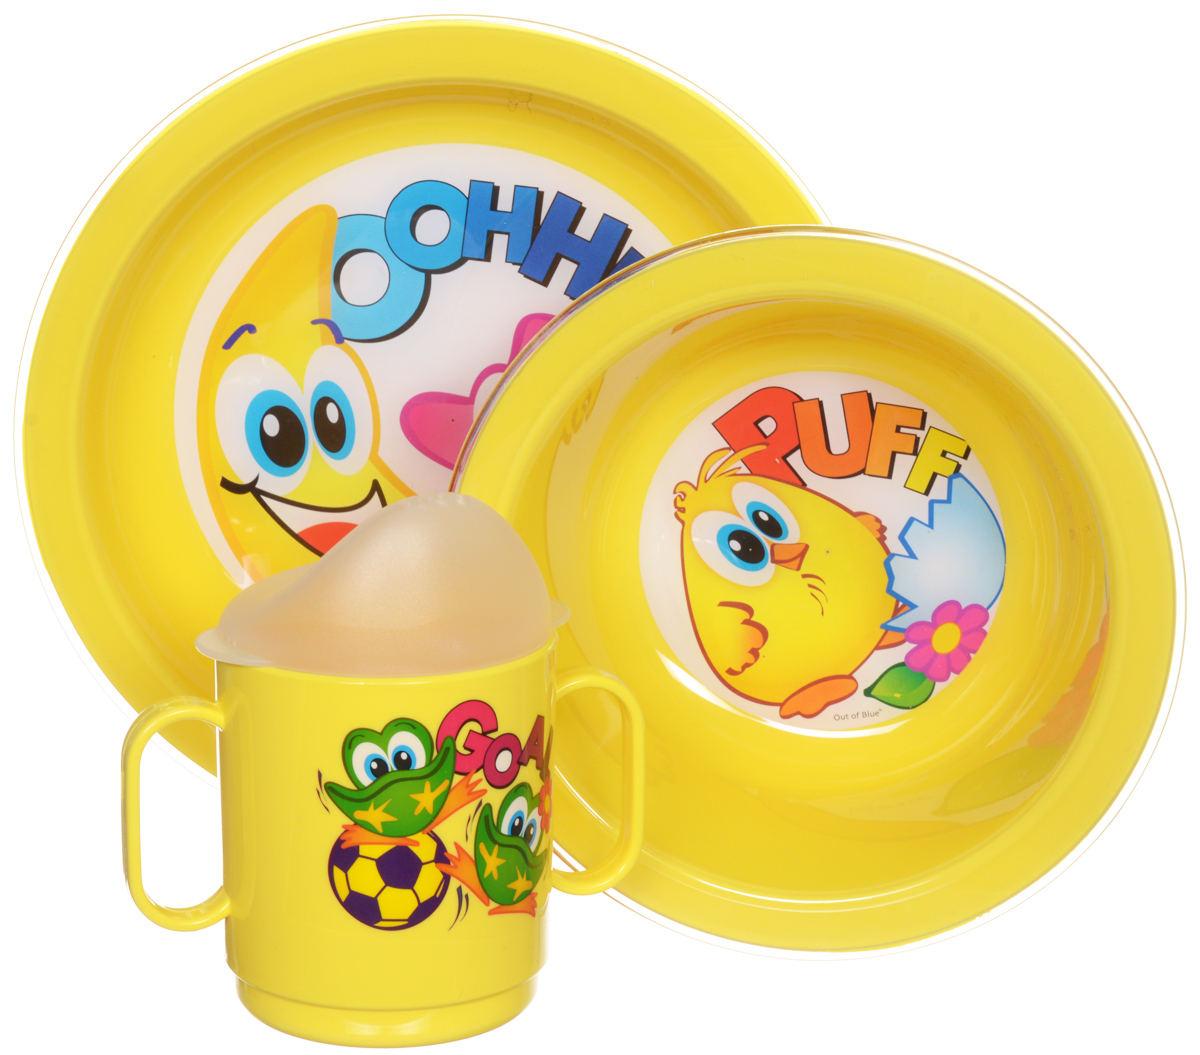 """Набор детской посуды Cosmoplast """"Baby Tris Set"""" состоит из суповой тарелки, обеденной тарелки, чашки с двумя ручками и крышки-поильника. Все предметы набора изготовлены из высококачественного пищевого пластика по специальной технологии, которая гарантирует простоту ухода, прочность и безопасность изделий для детей. Предметы сервиза оформлены красочными рисунками, которые обязательно понравятся вашему малышу.  Объем кружки: 250 мл.   Не содержит бисфенол А."""